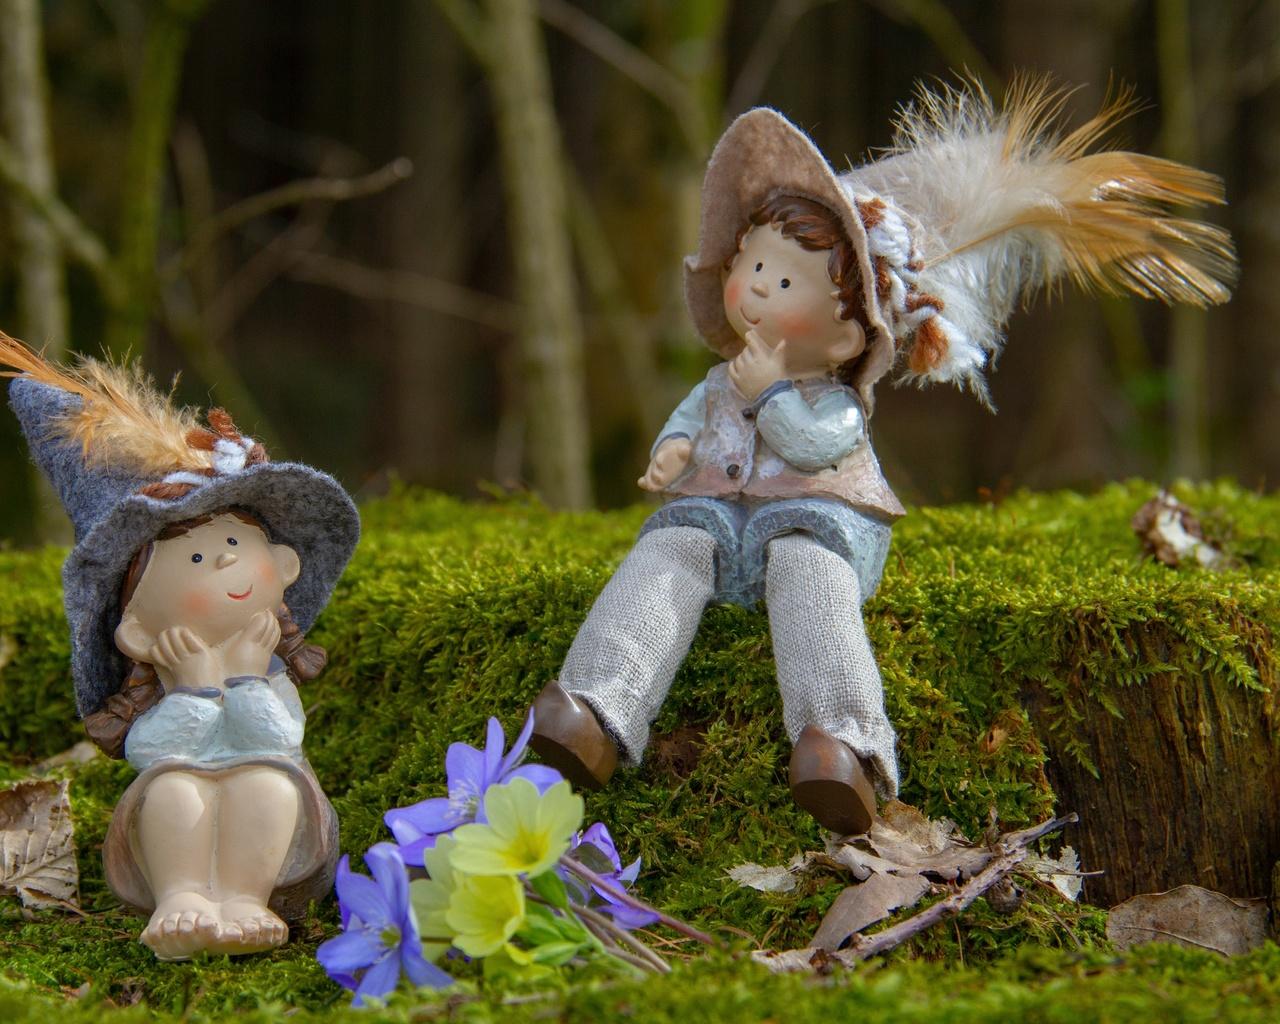 природа, весна, куколки, пара, парень, девушка, любовь, мох, первоцветы